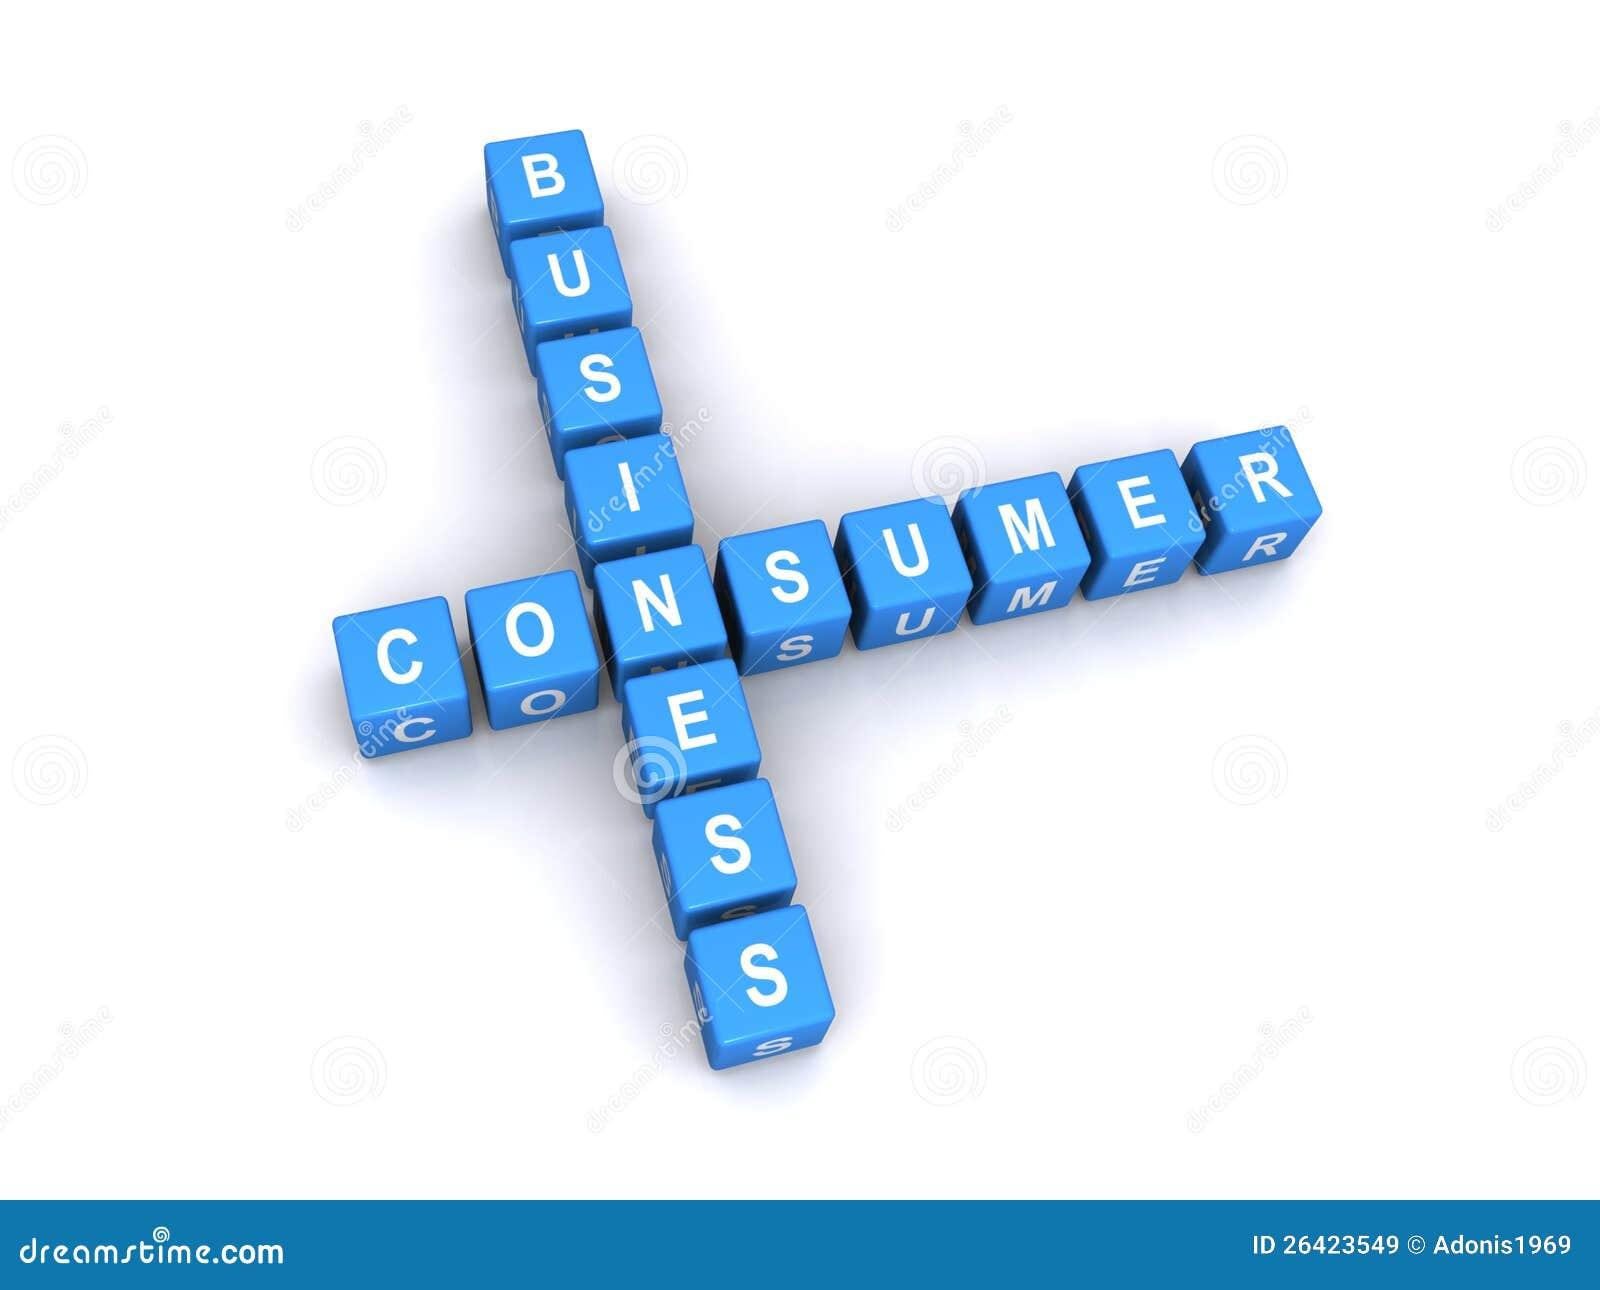 business-consumer-26423549.jpg